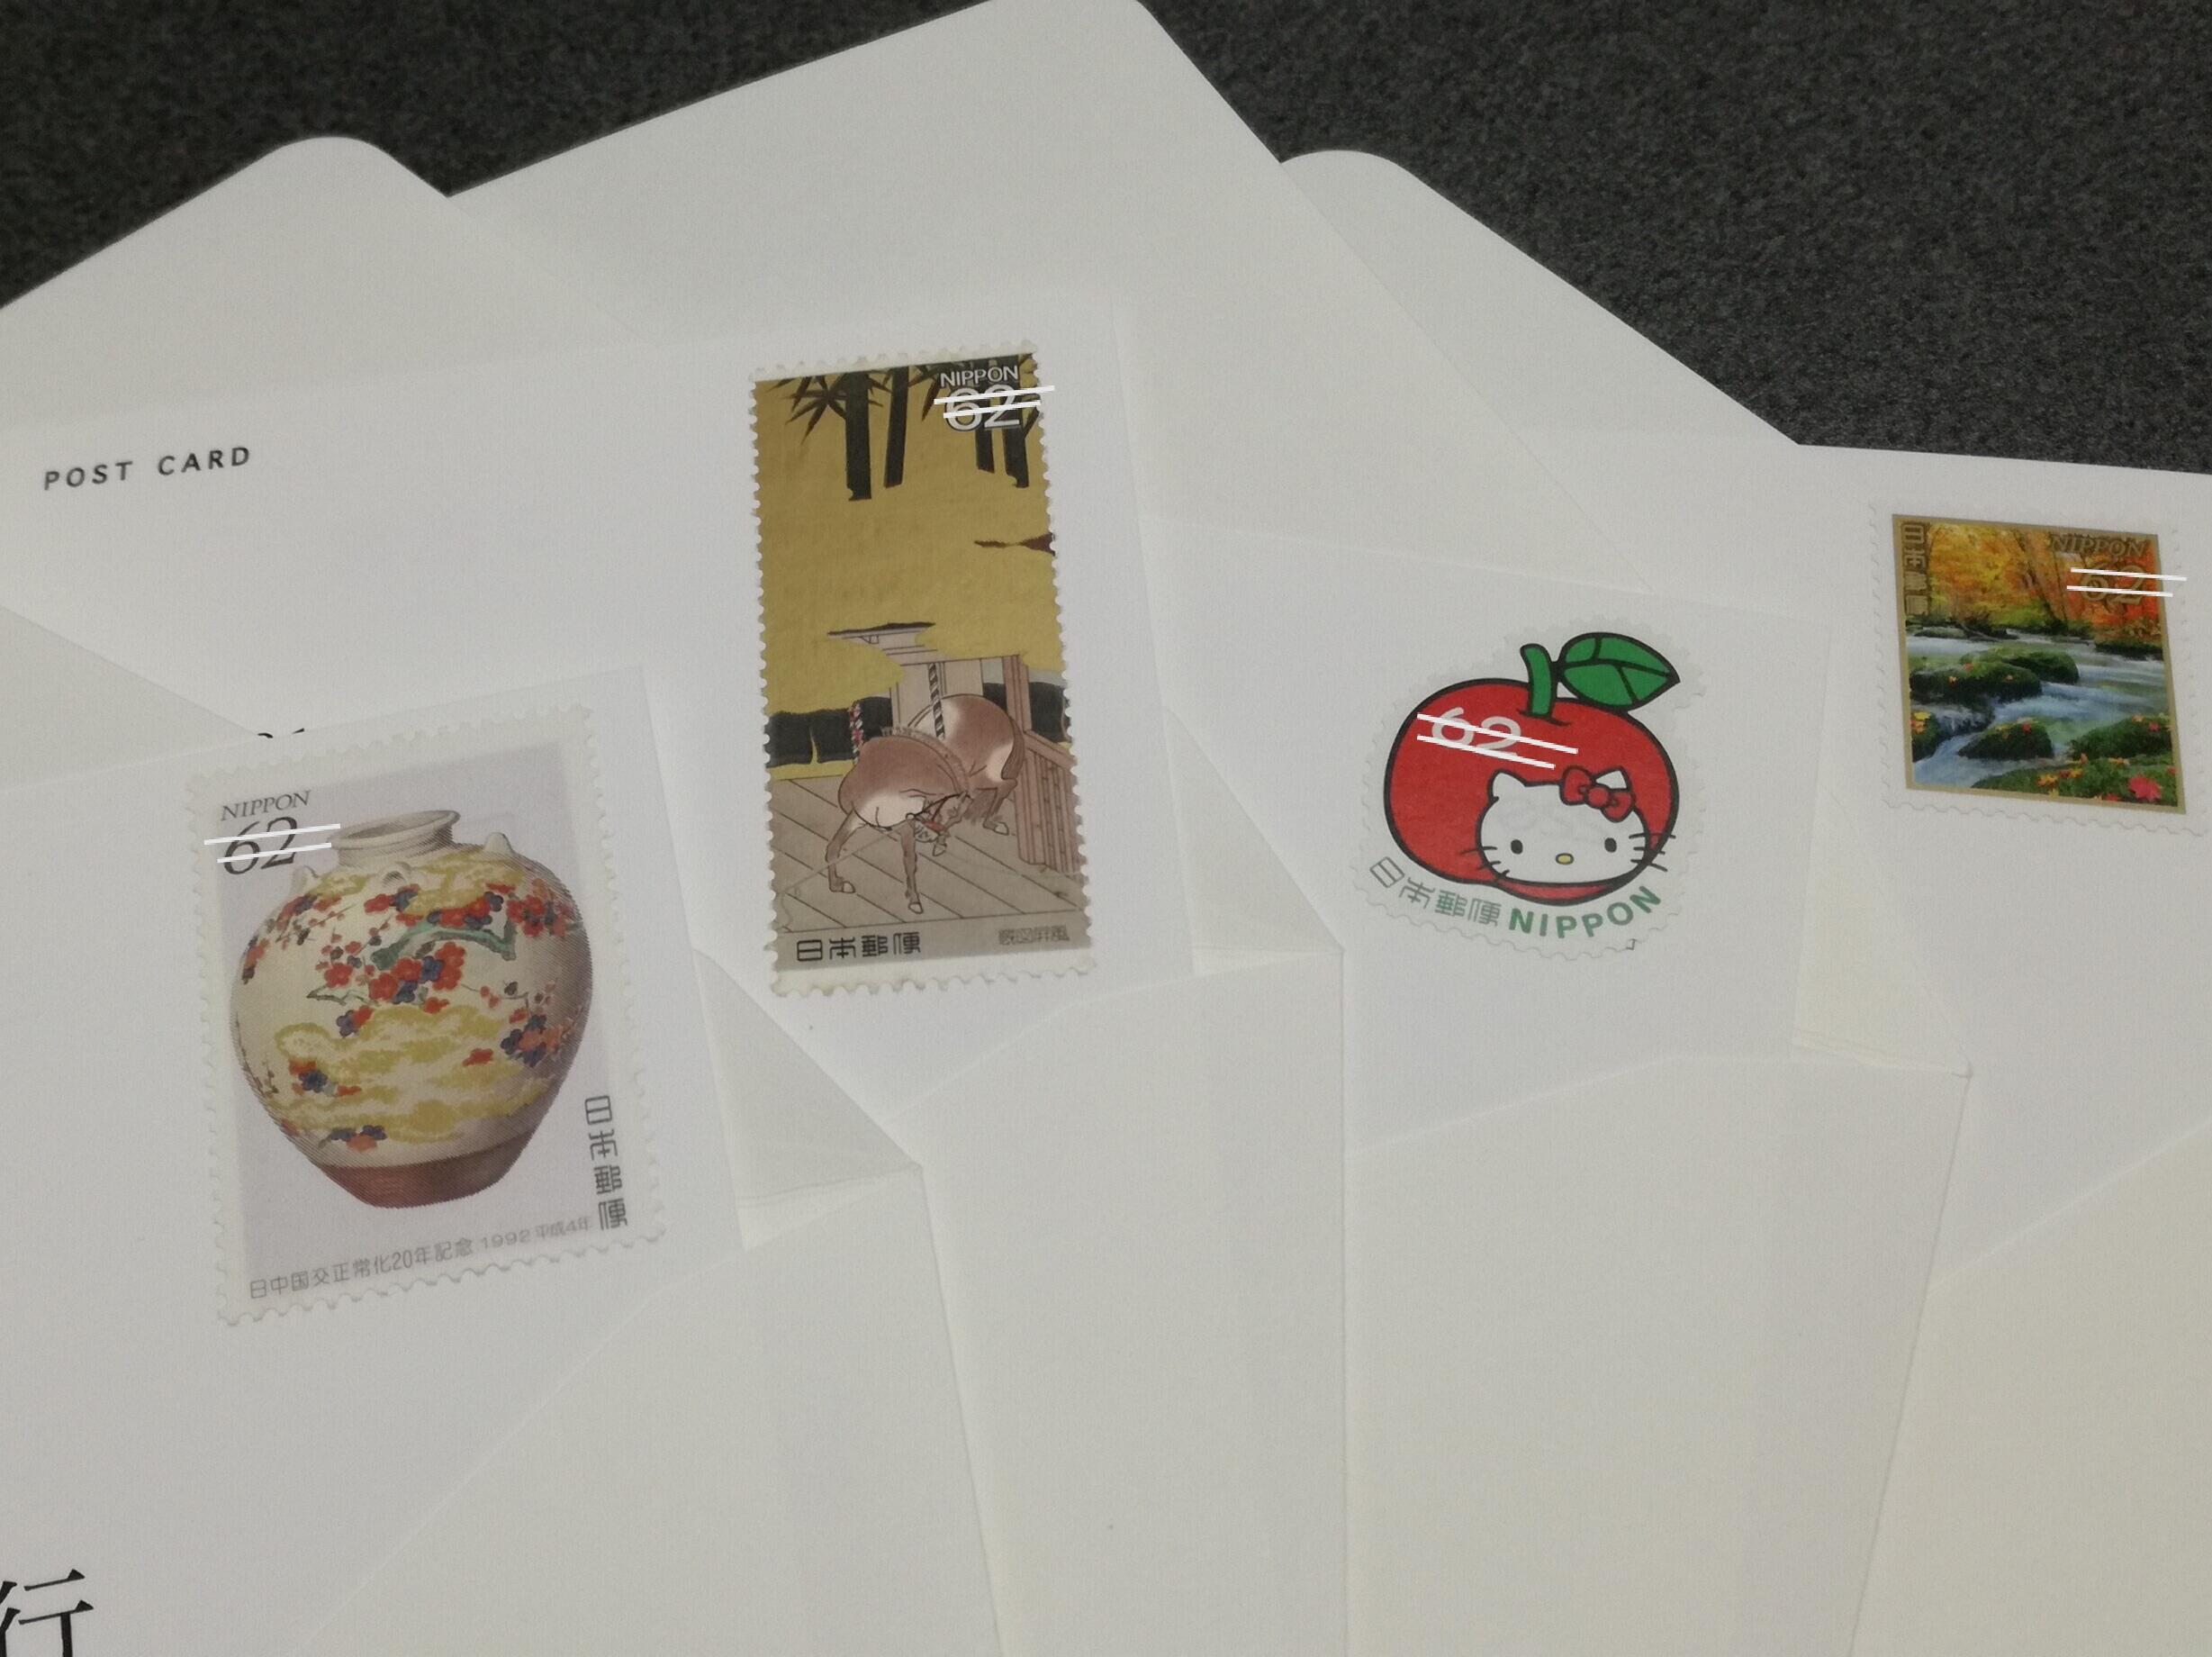 64f74e1edd 友人への返信ハガキの切手は可愛い物や、祖母が持っていた金色が入っている昔の切手を使ってみました。」